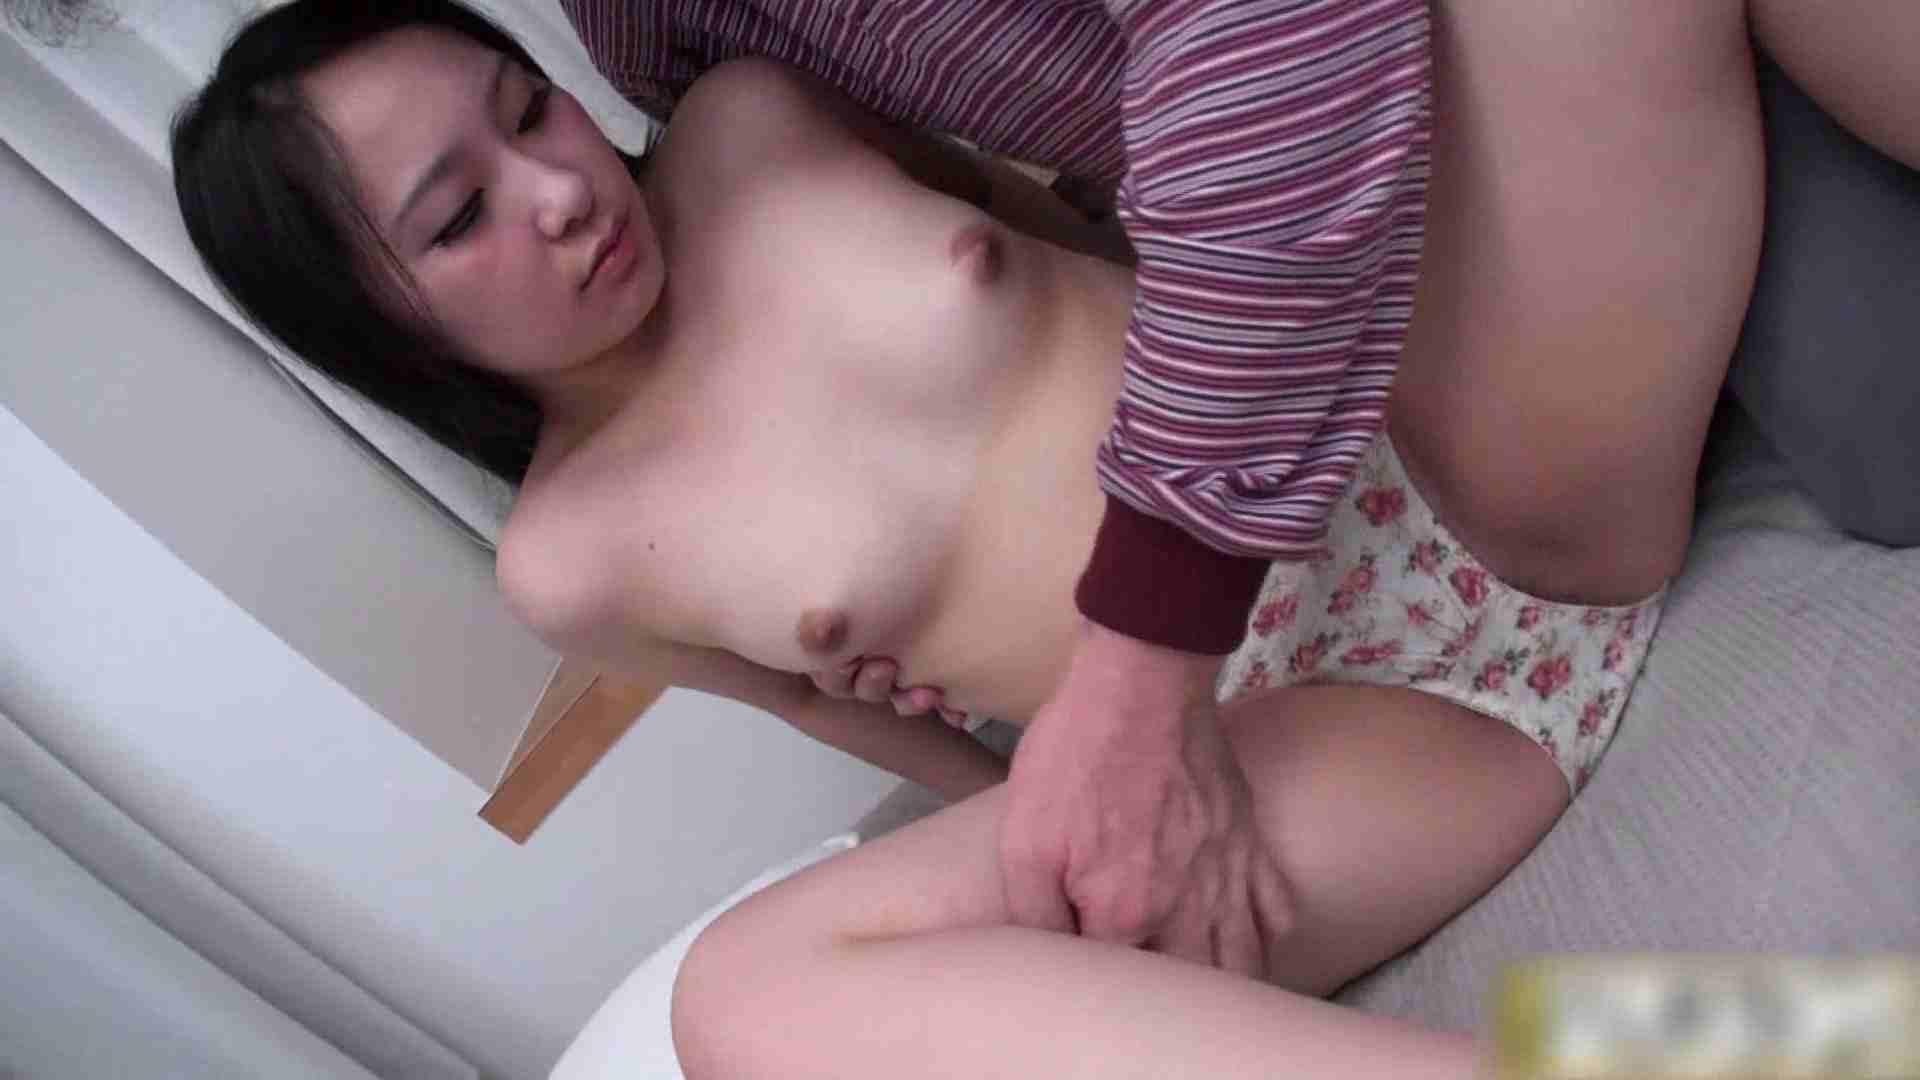 おしえてギャル子のH塾 Vol.12 前編 フェチ 濡れ場動画紹介 101pic 44